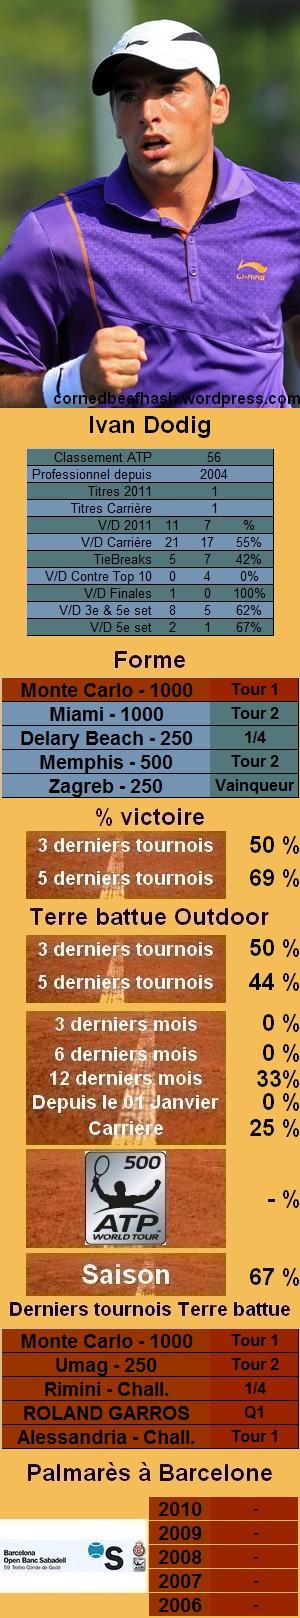 Les statistiques tennis de Ivan Dodig pour le tournoi de Barcelone